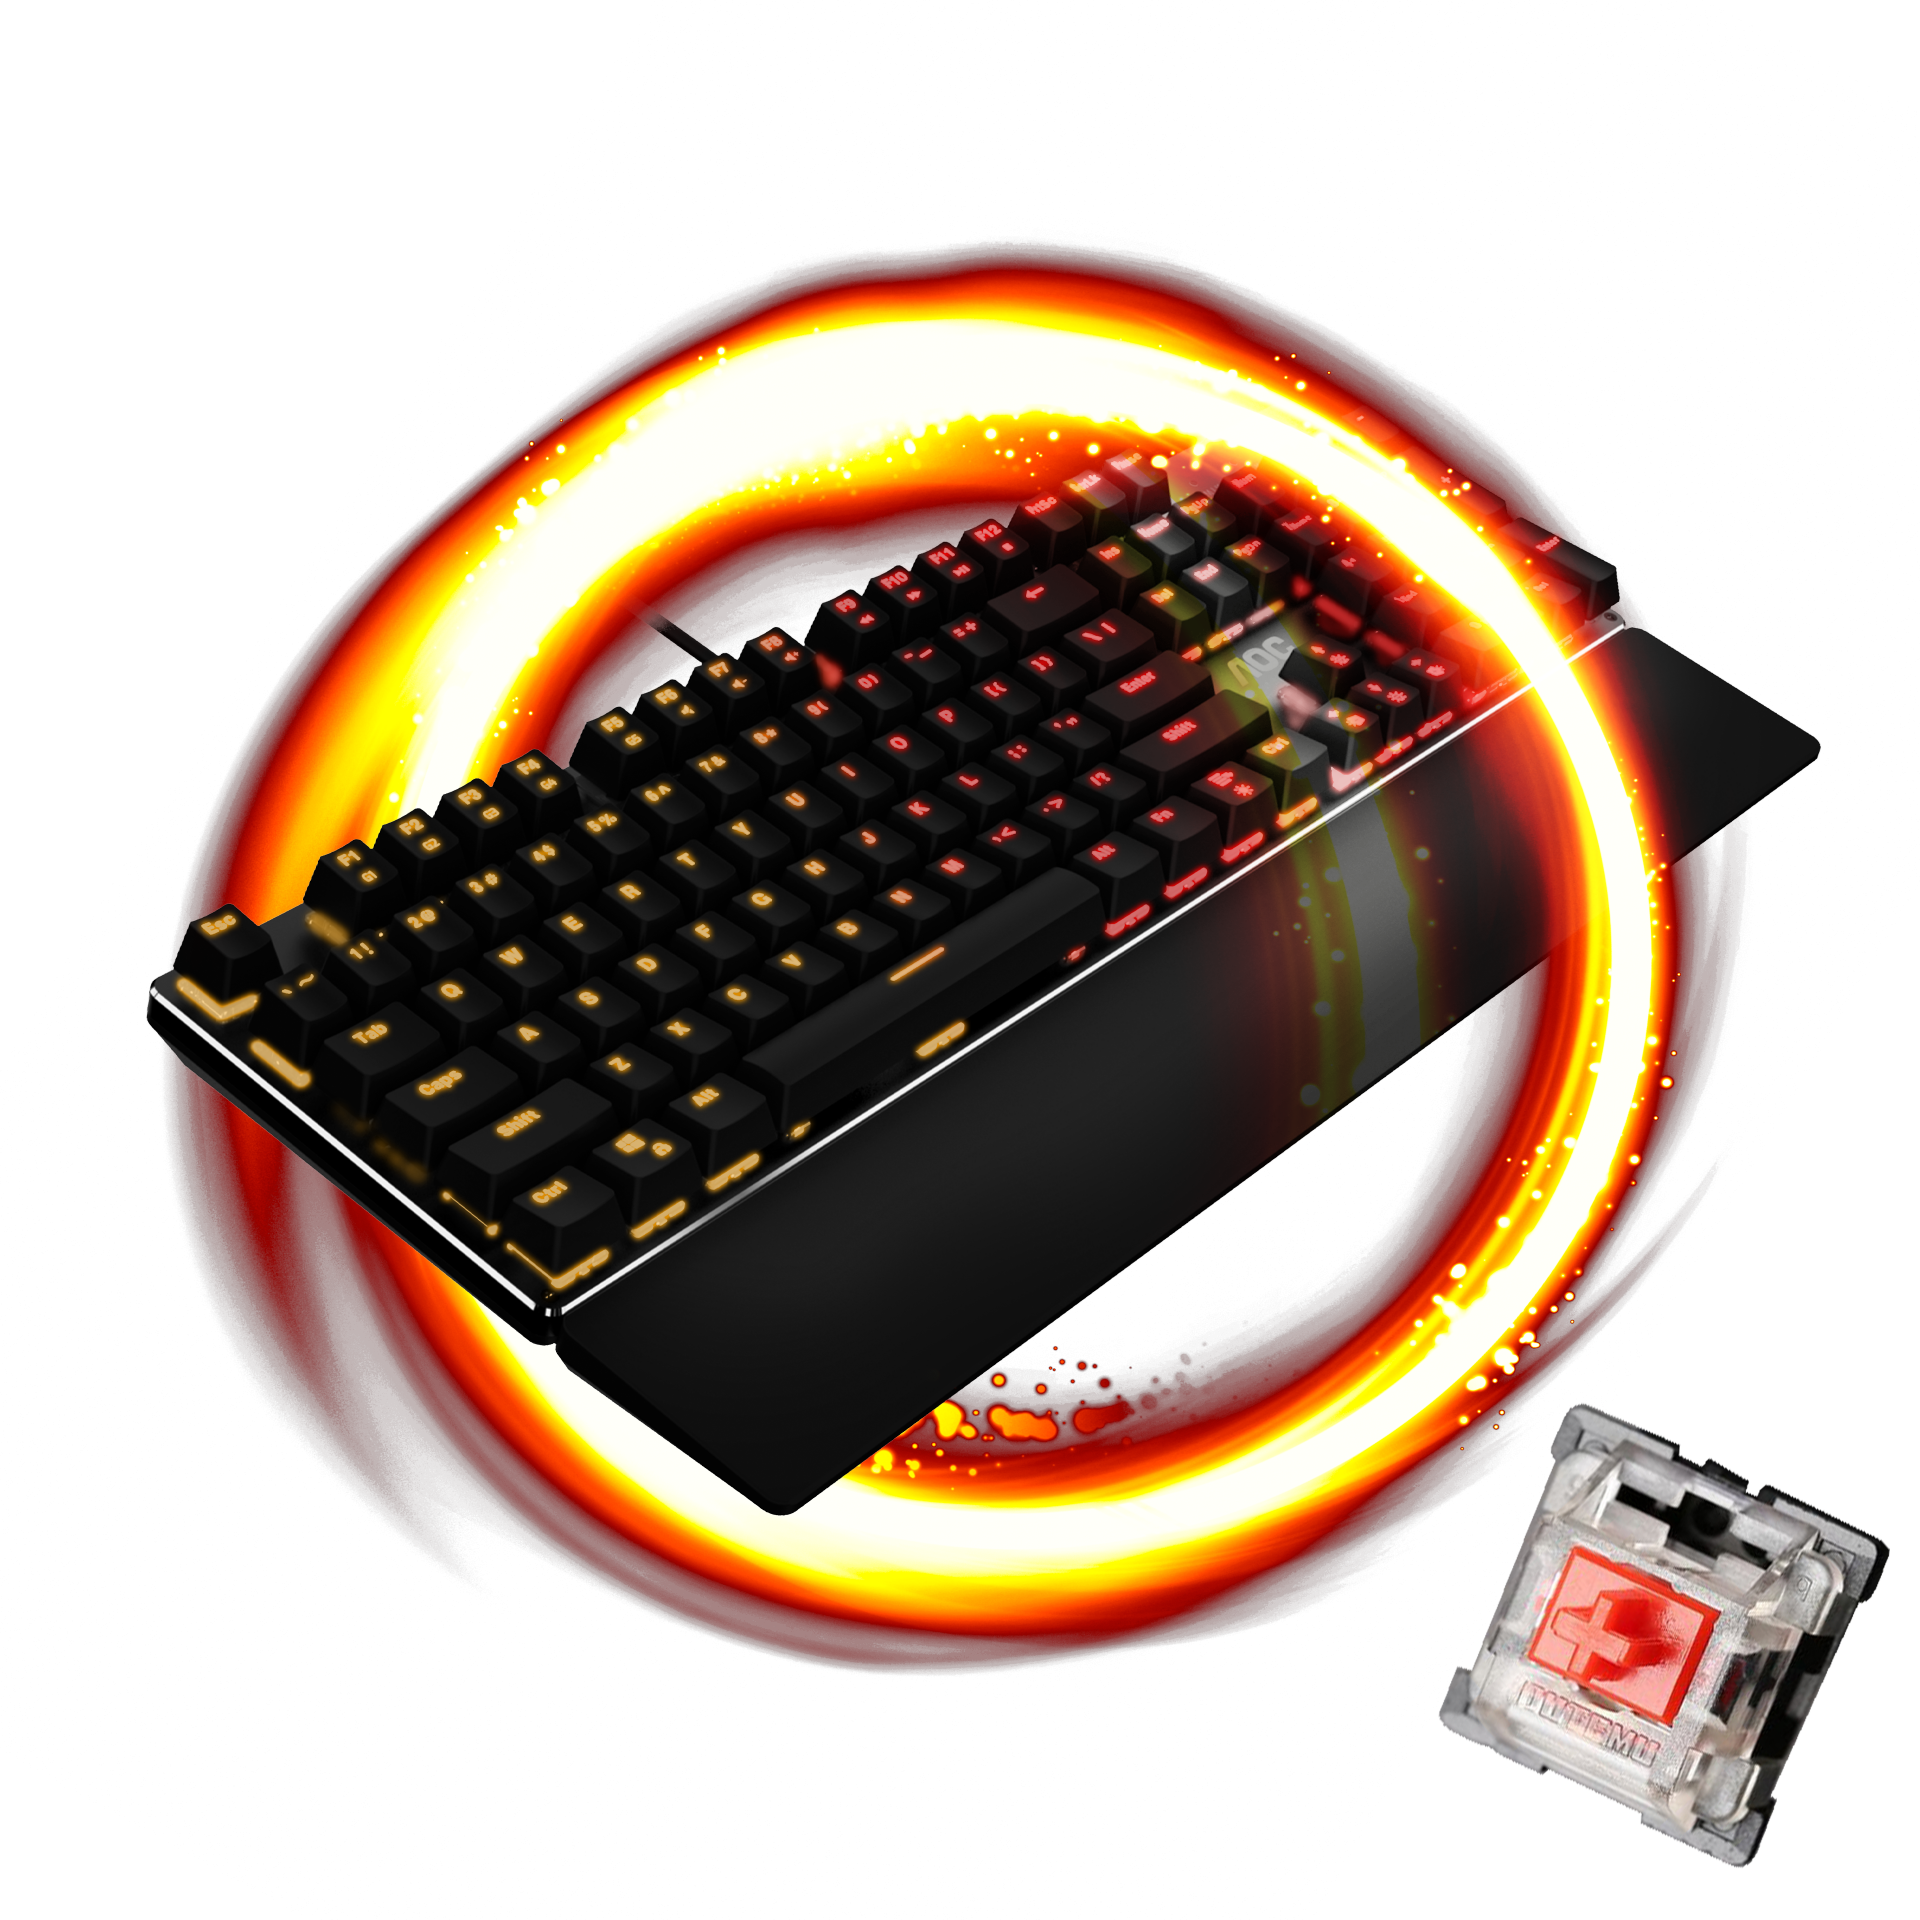 AOCG_GK500_RED_HERO_VISUAL_.png